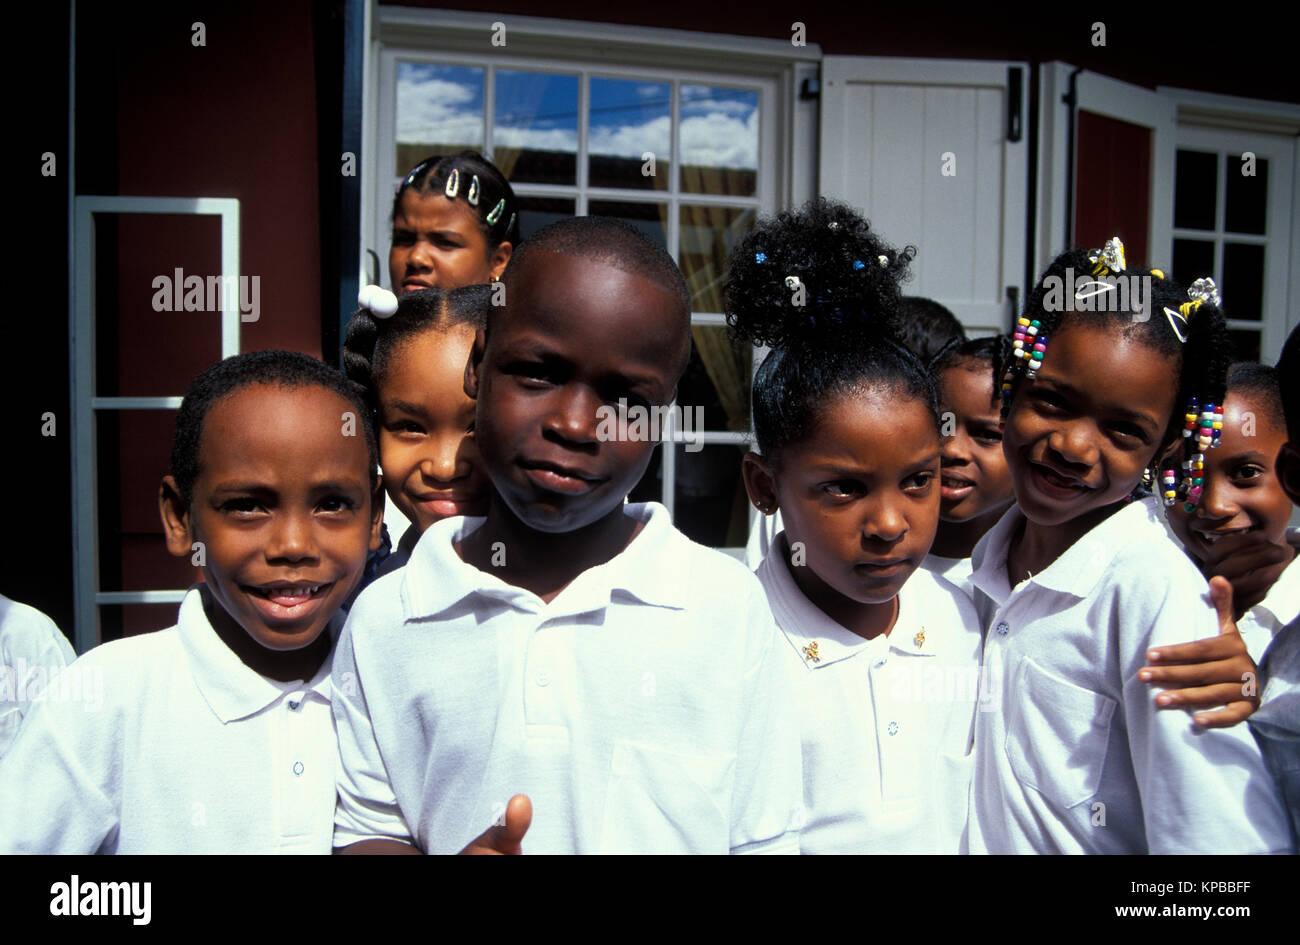 Kinder in Willemstad, Curacao, Niederländische Antillen Stockbild